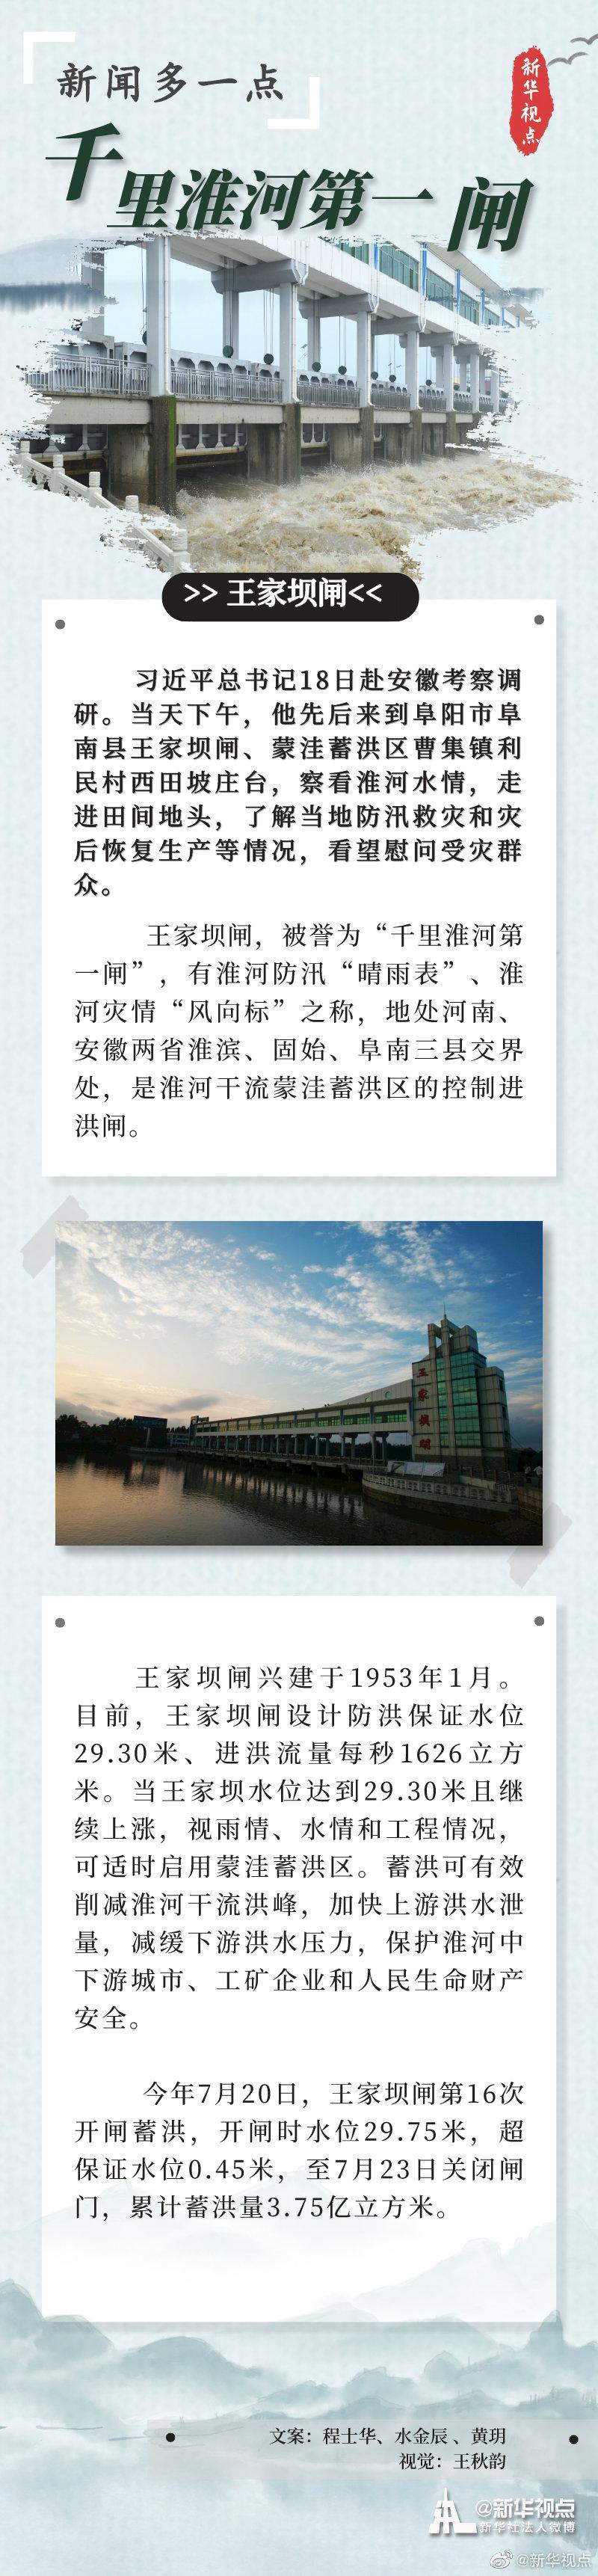 总书记刚刚考察过的千里淮河第一闸